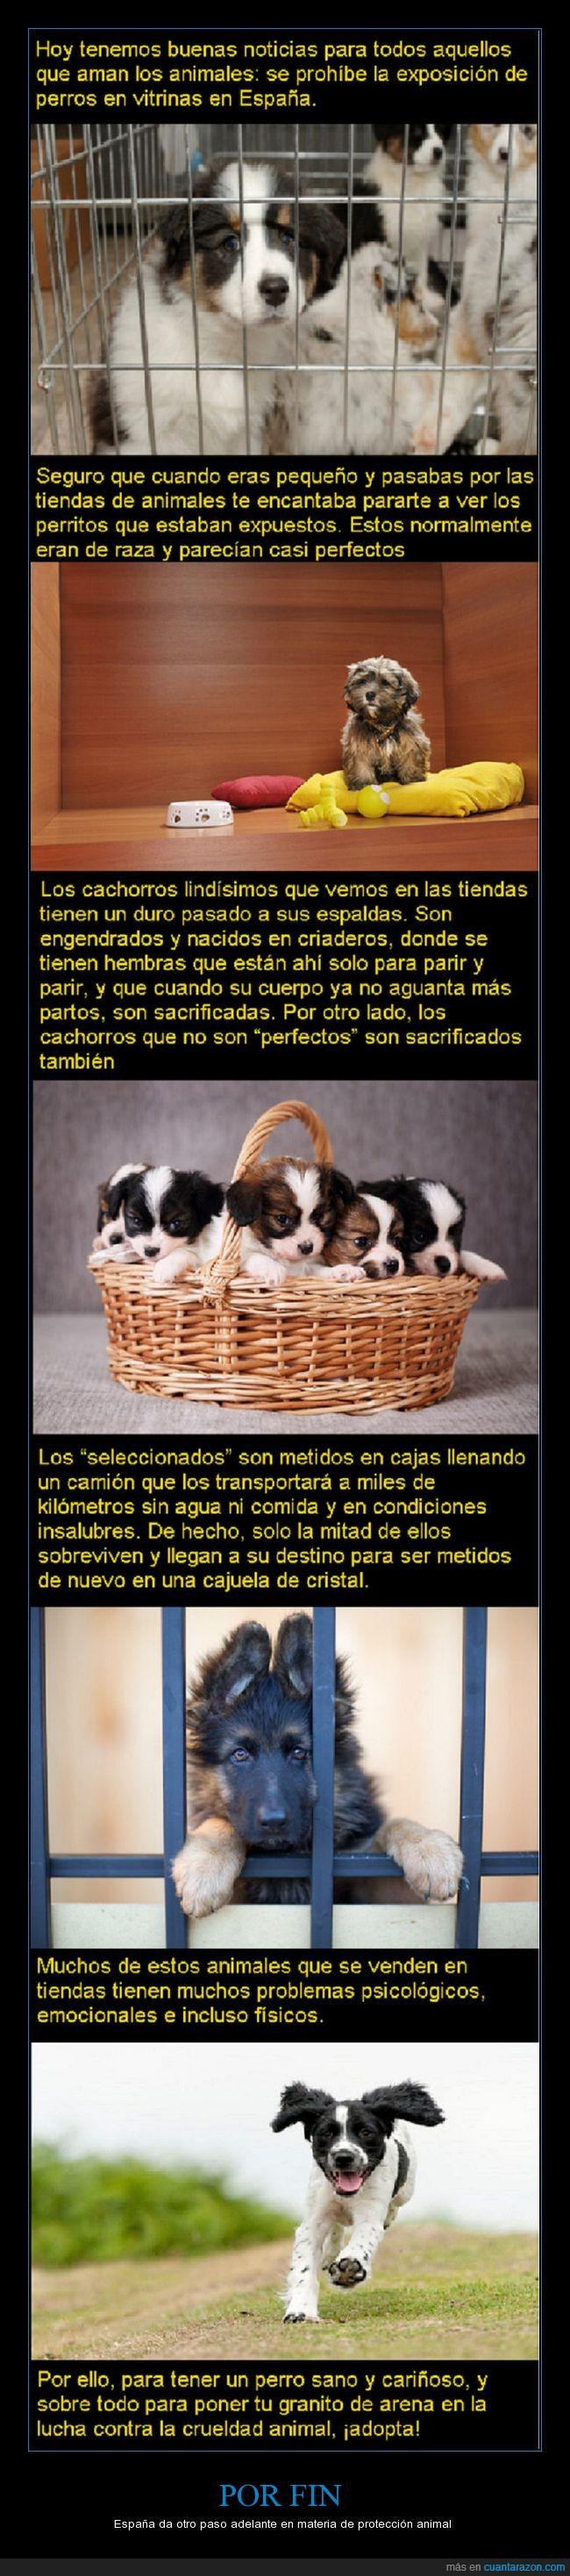 adopta,cachorros,gatos,no compres,perritos,tiendas de animales,vitrinas